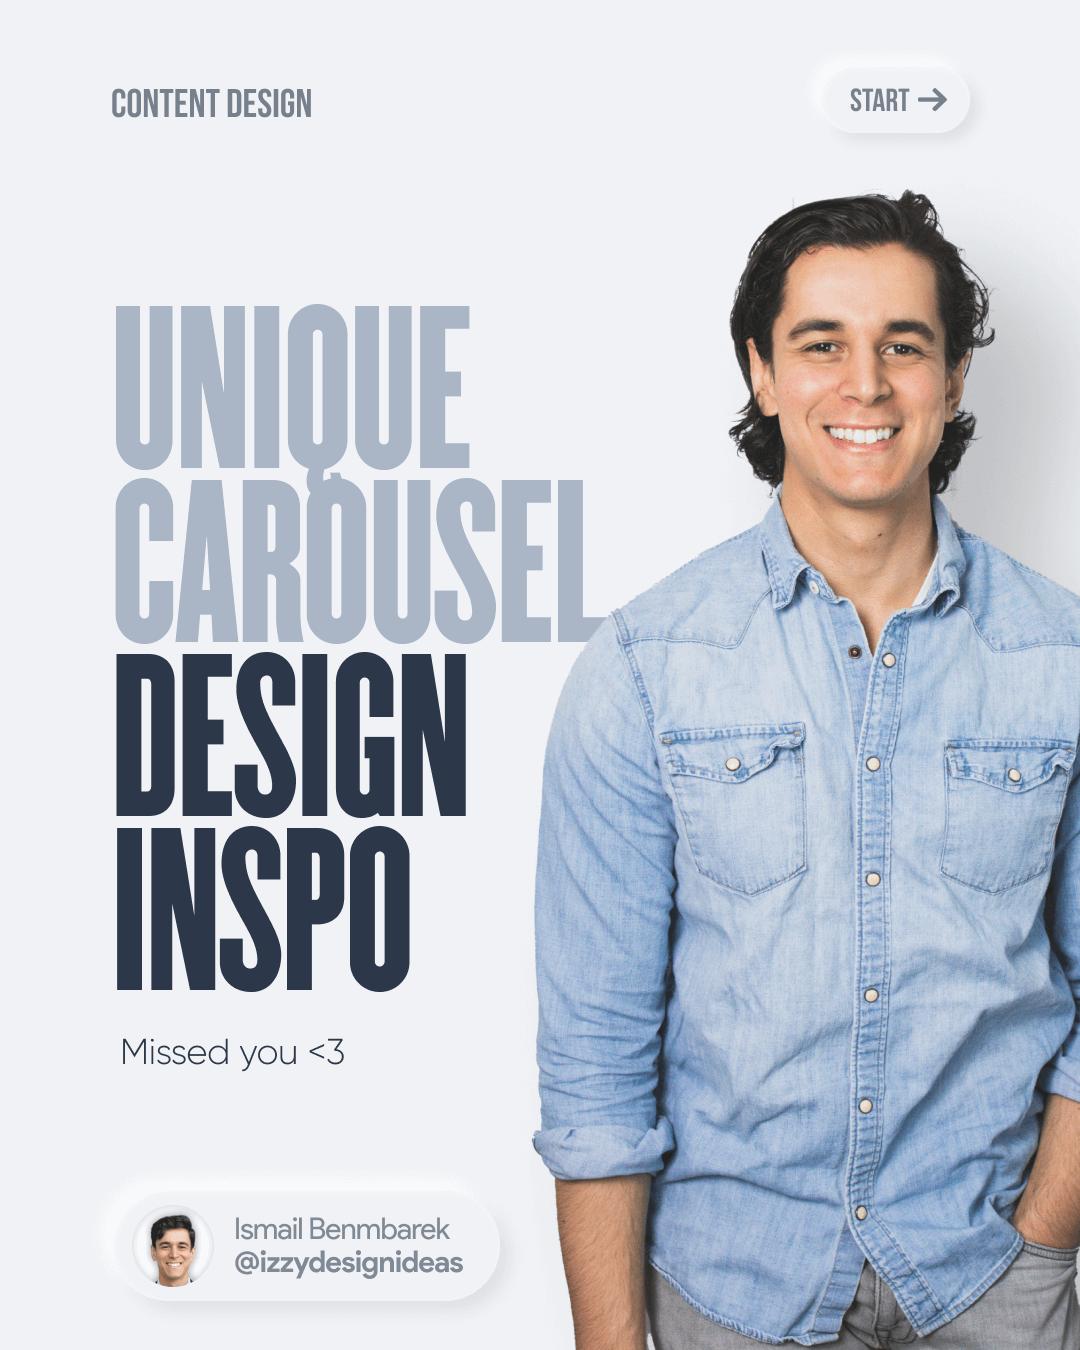 Instagram carousel